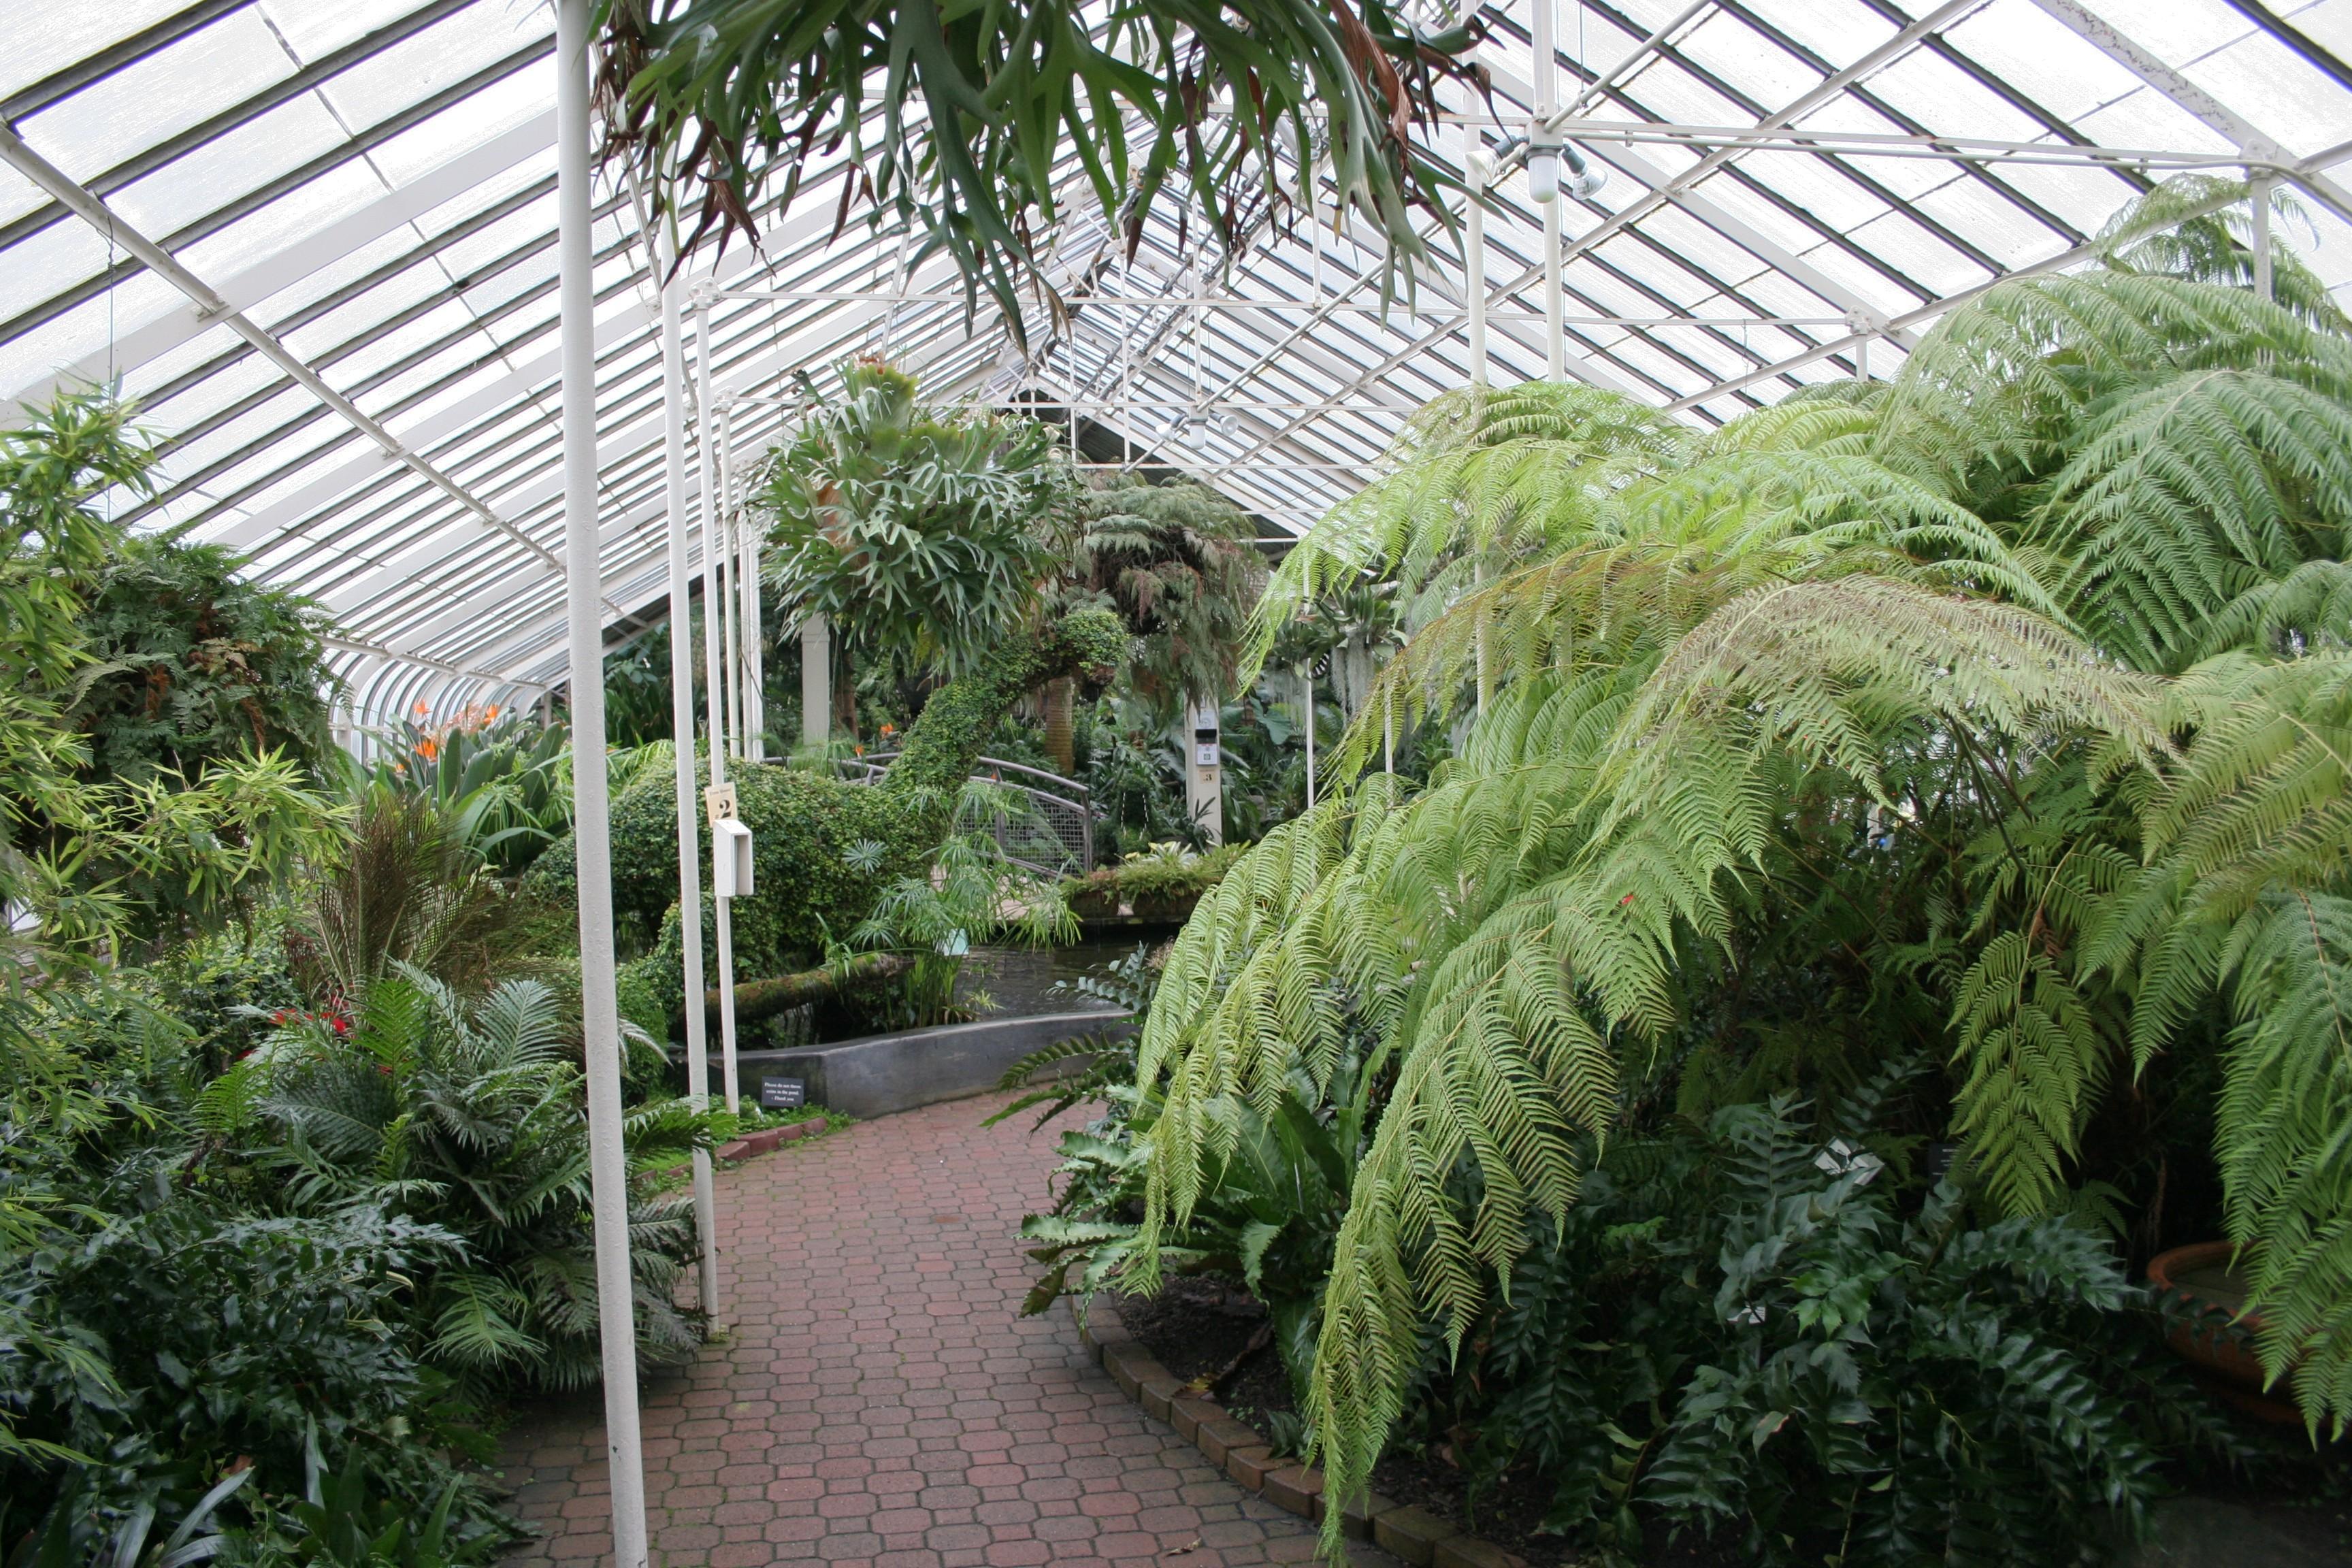 Botanical Garden Buffalo Botanical Garden Buffalo New